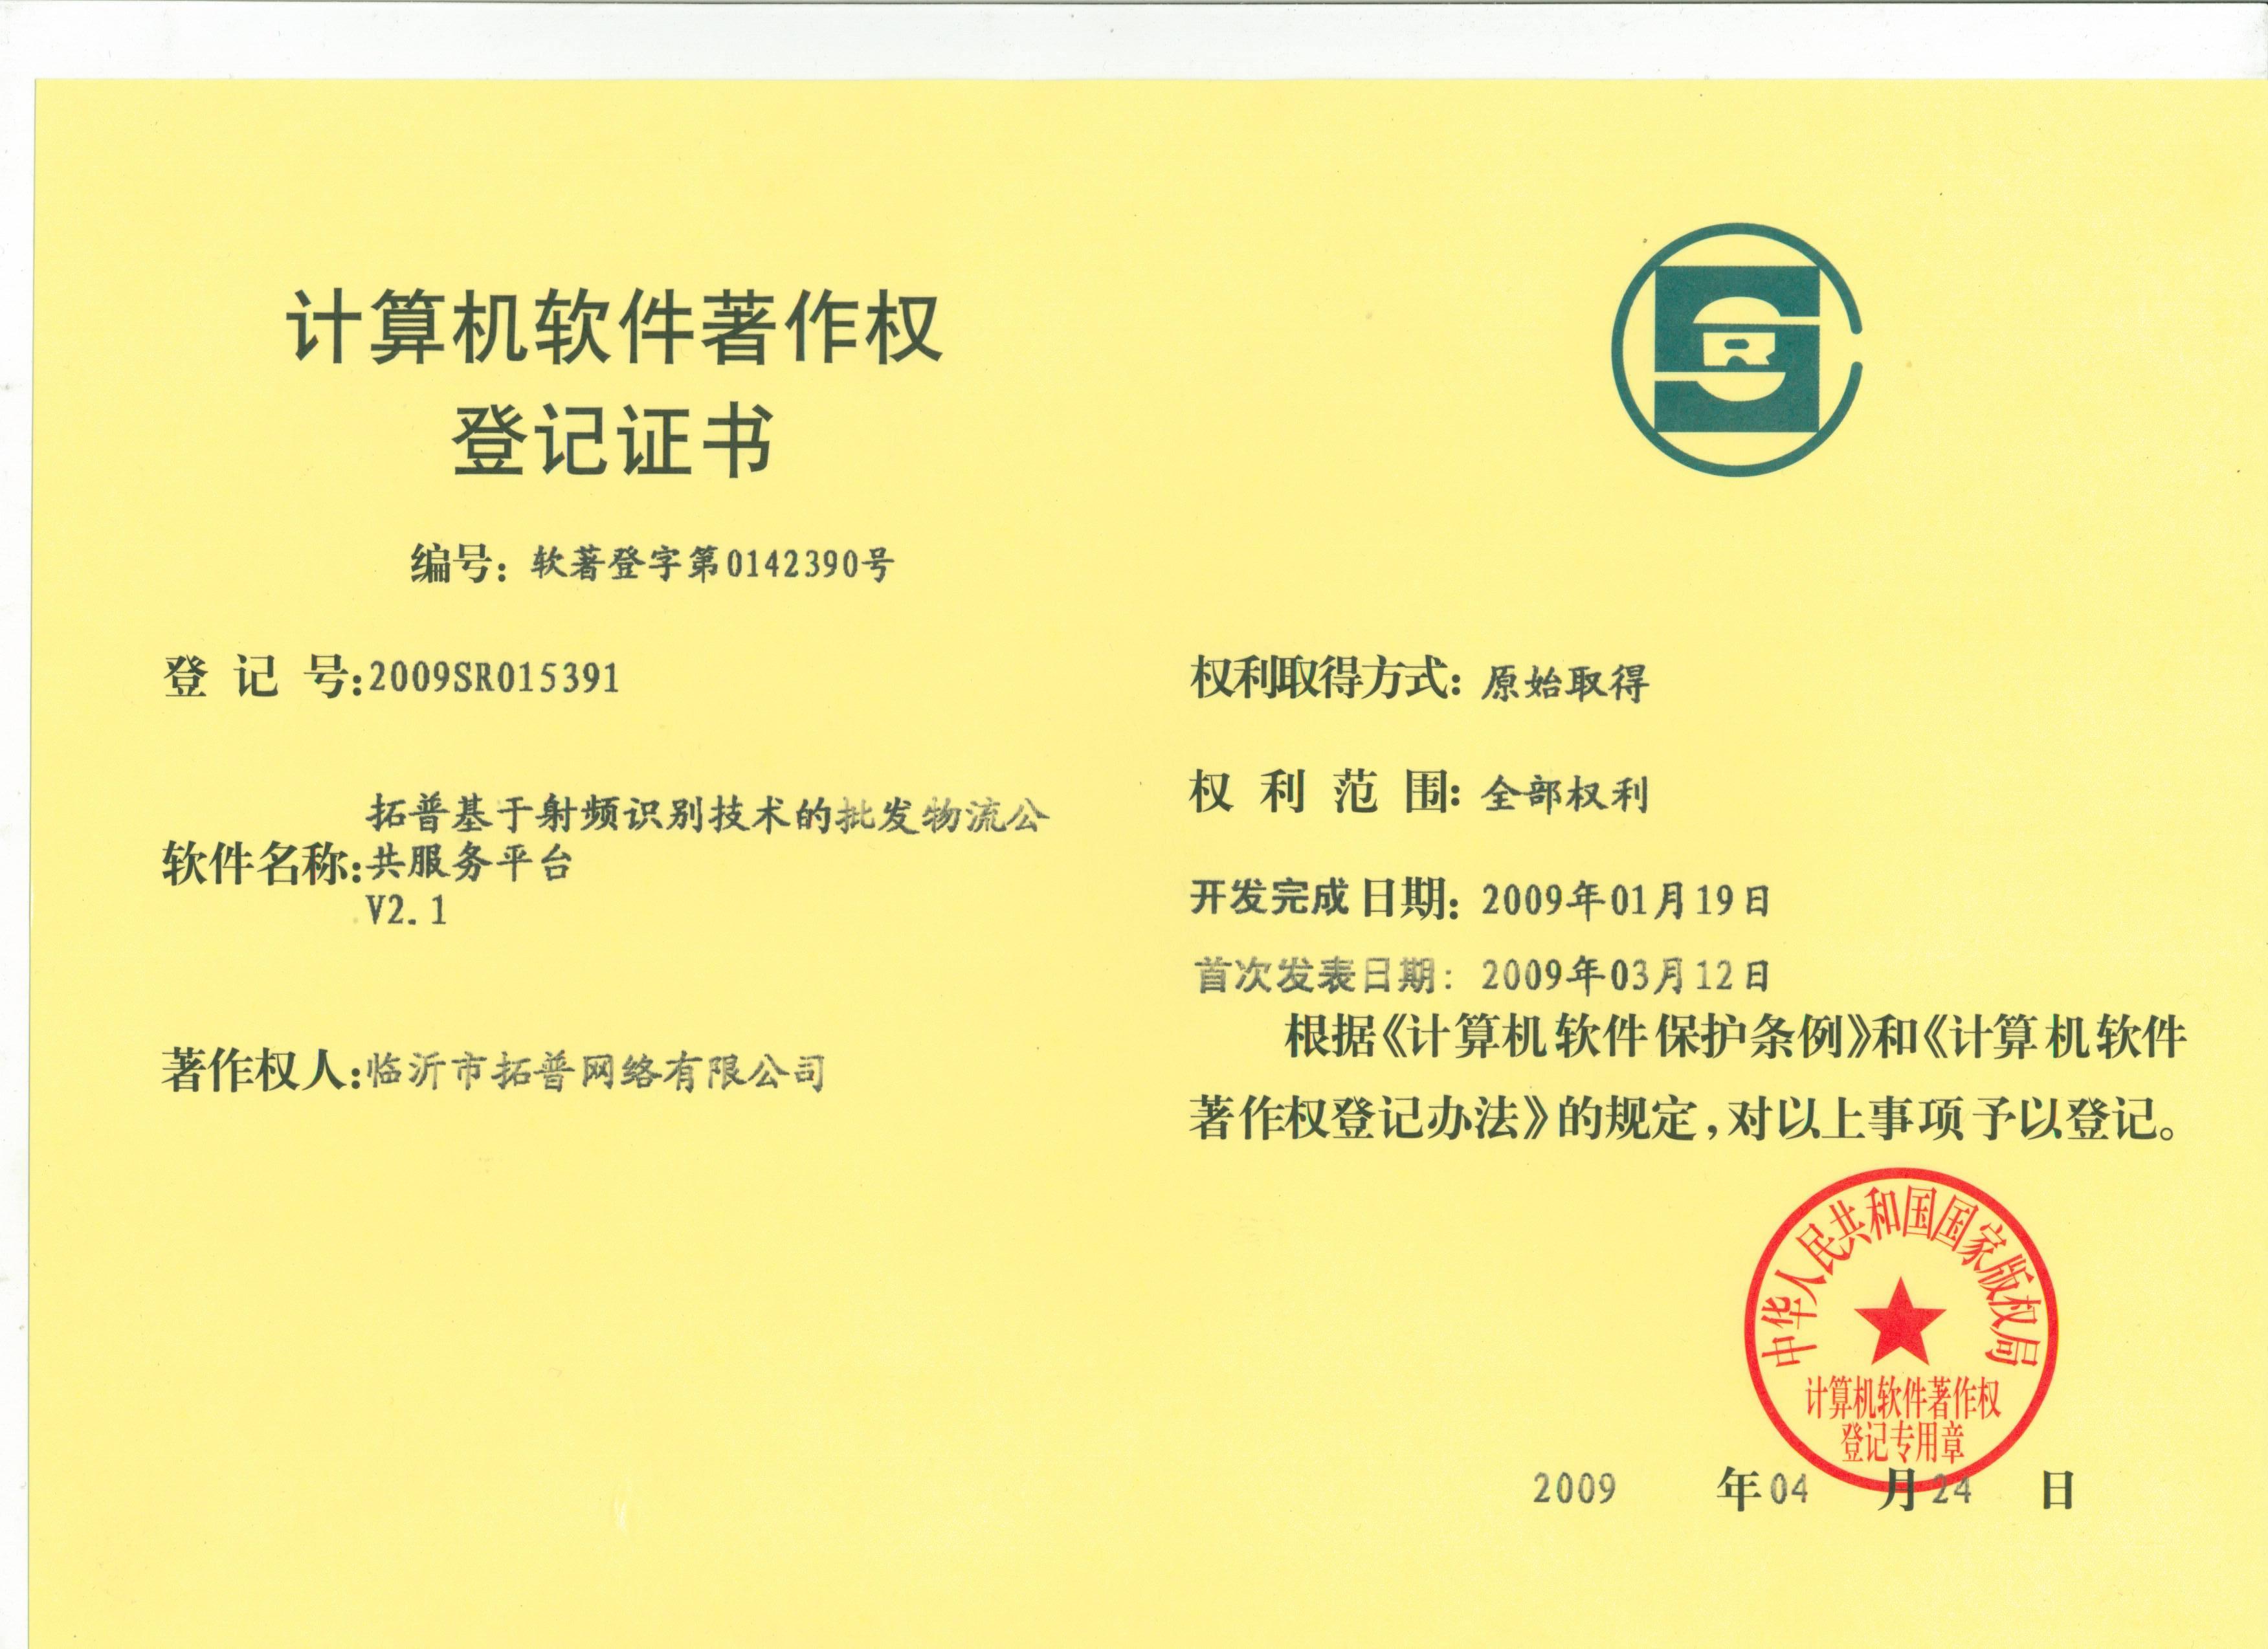 主题:《拓普基于射频识别技术的批发物流公共服务平台》 日期:2010-12-06